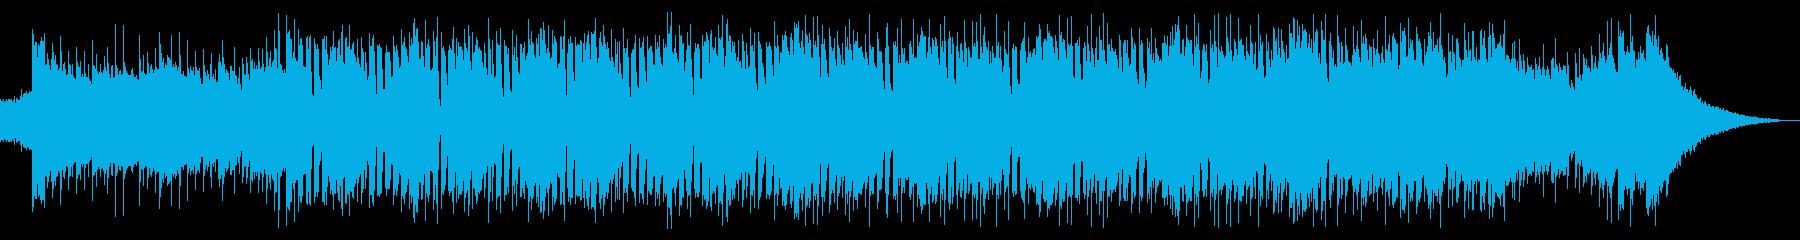 クールで洗練された疾走感あるテクノポップの再生済みの波形